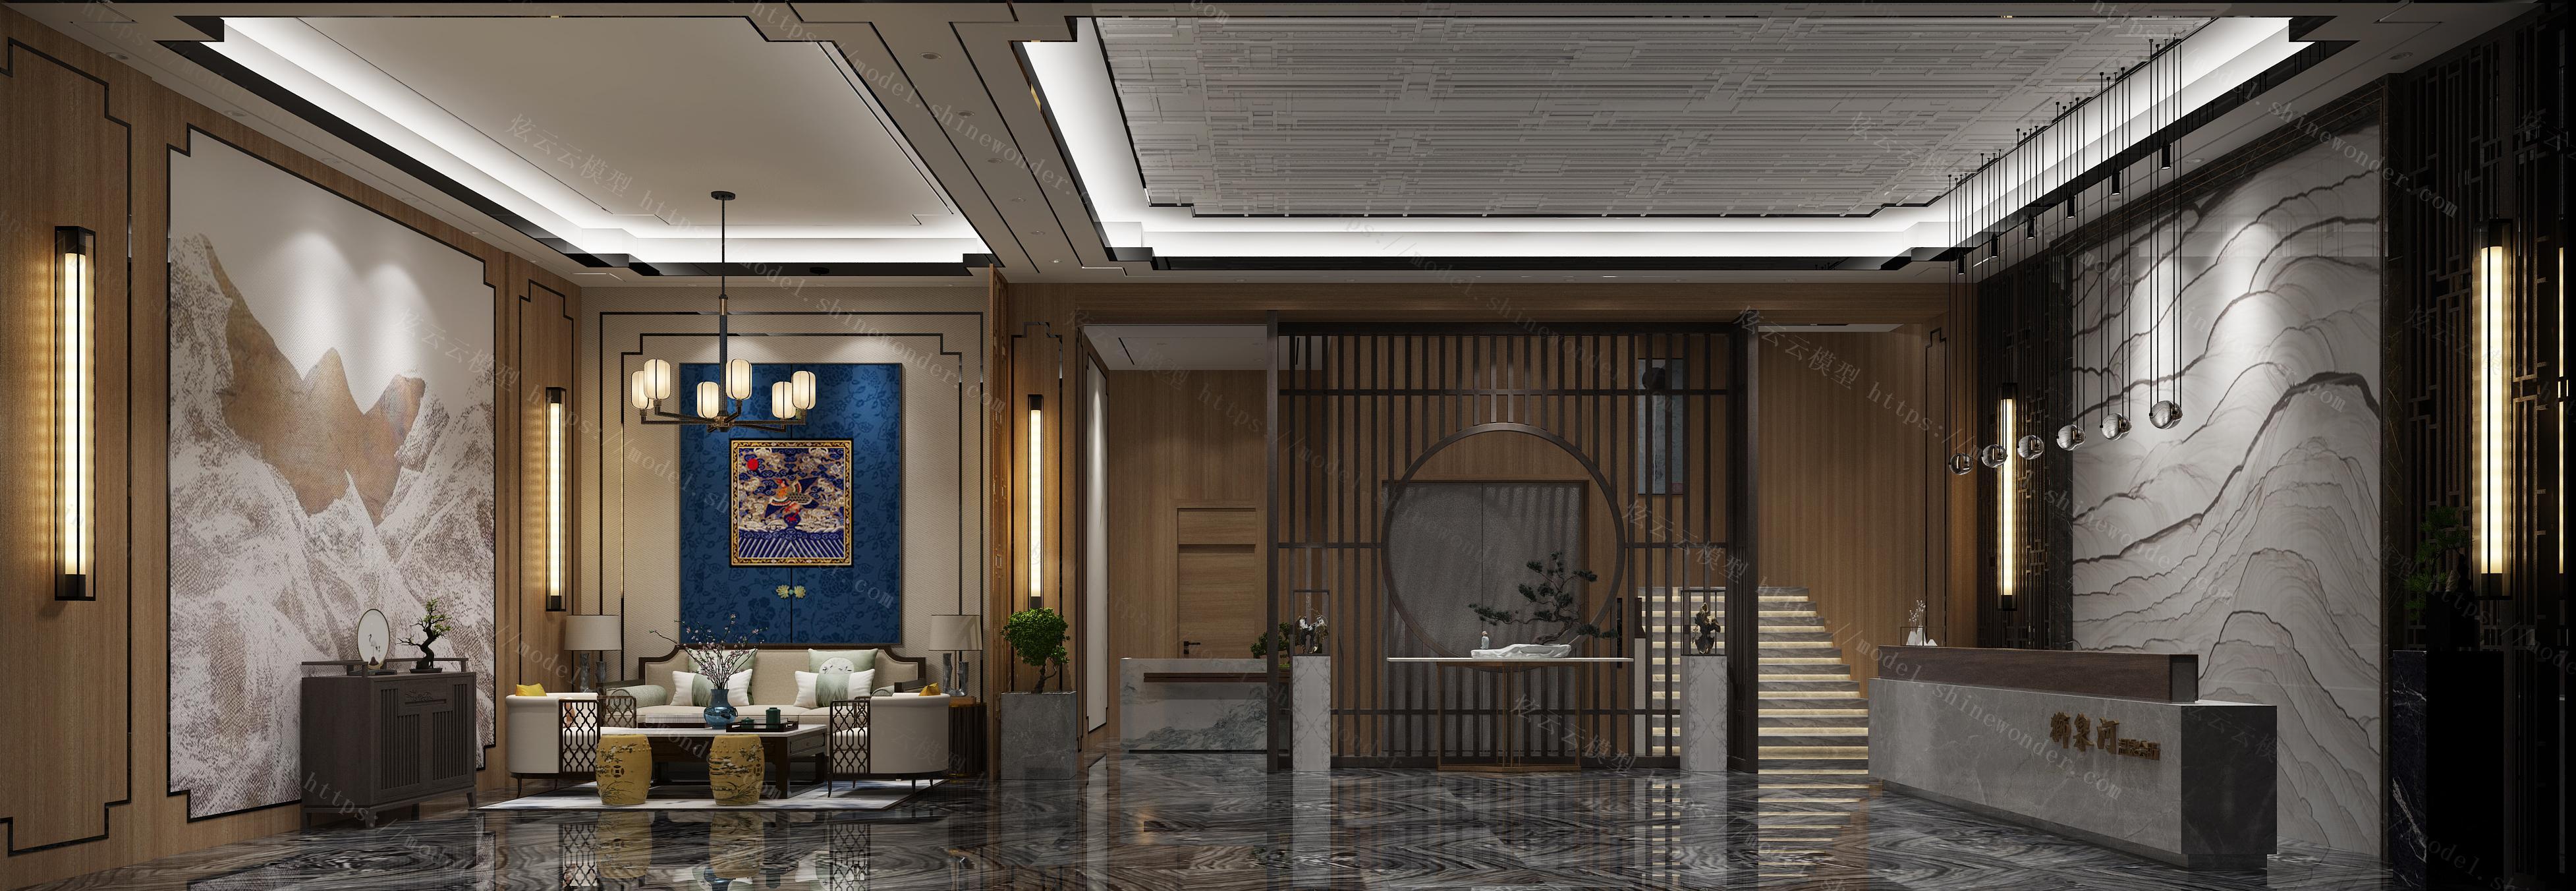 新中式温泉会所模型